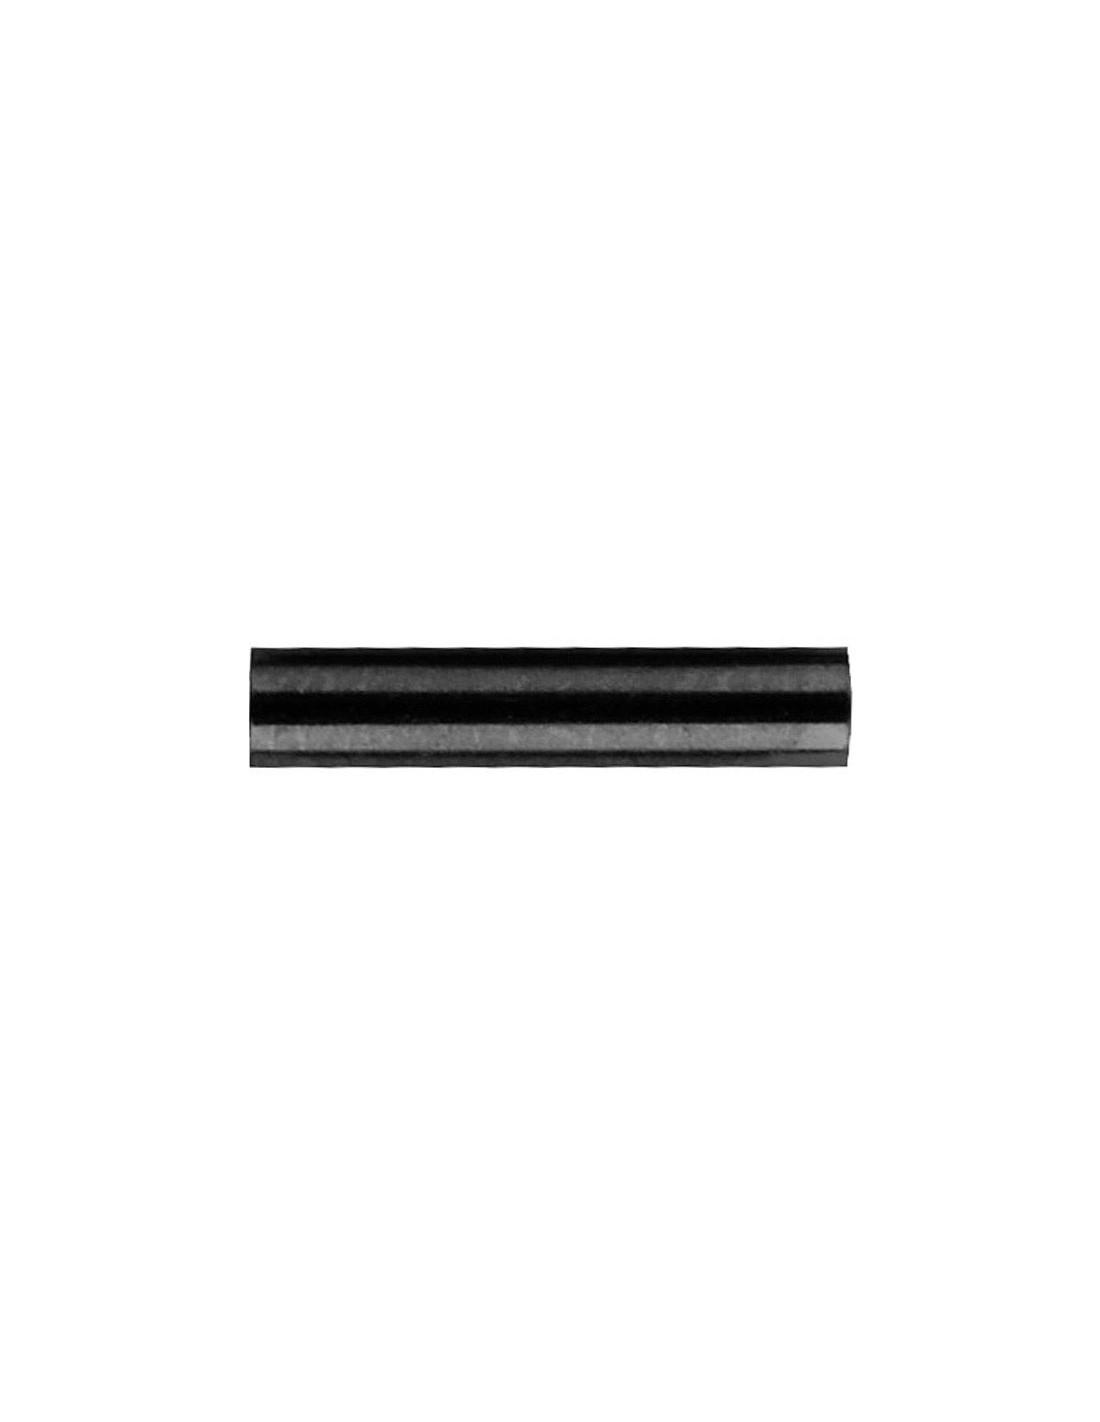 Spro Klemmhülsen Brass Single Sleeve 2,5mm 20 Stück Quetschhülsen Hülsen